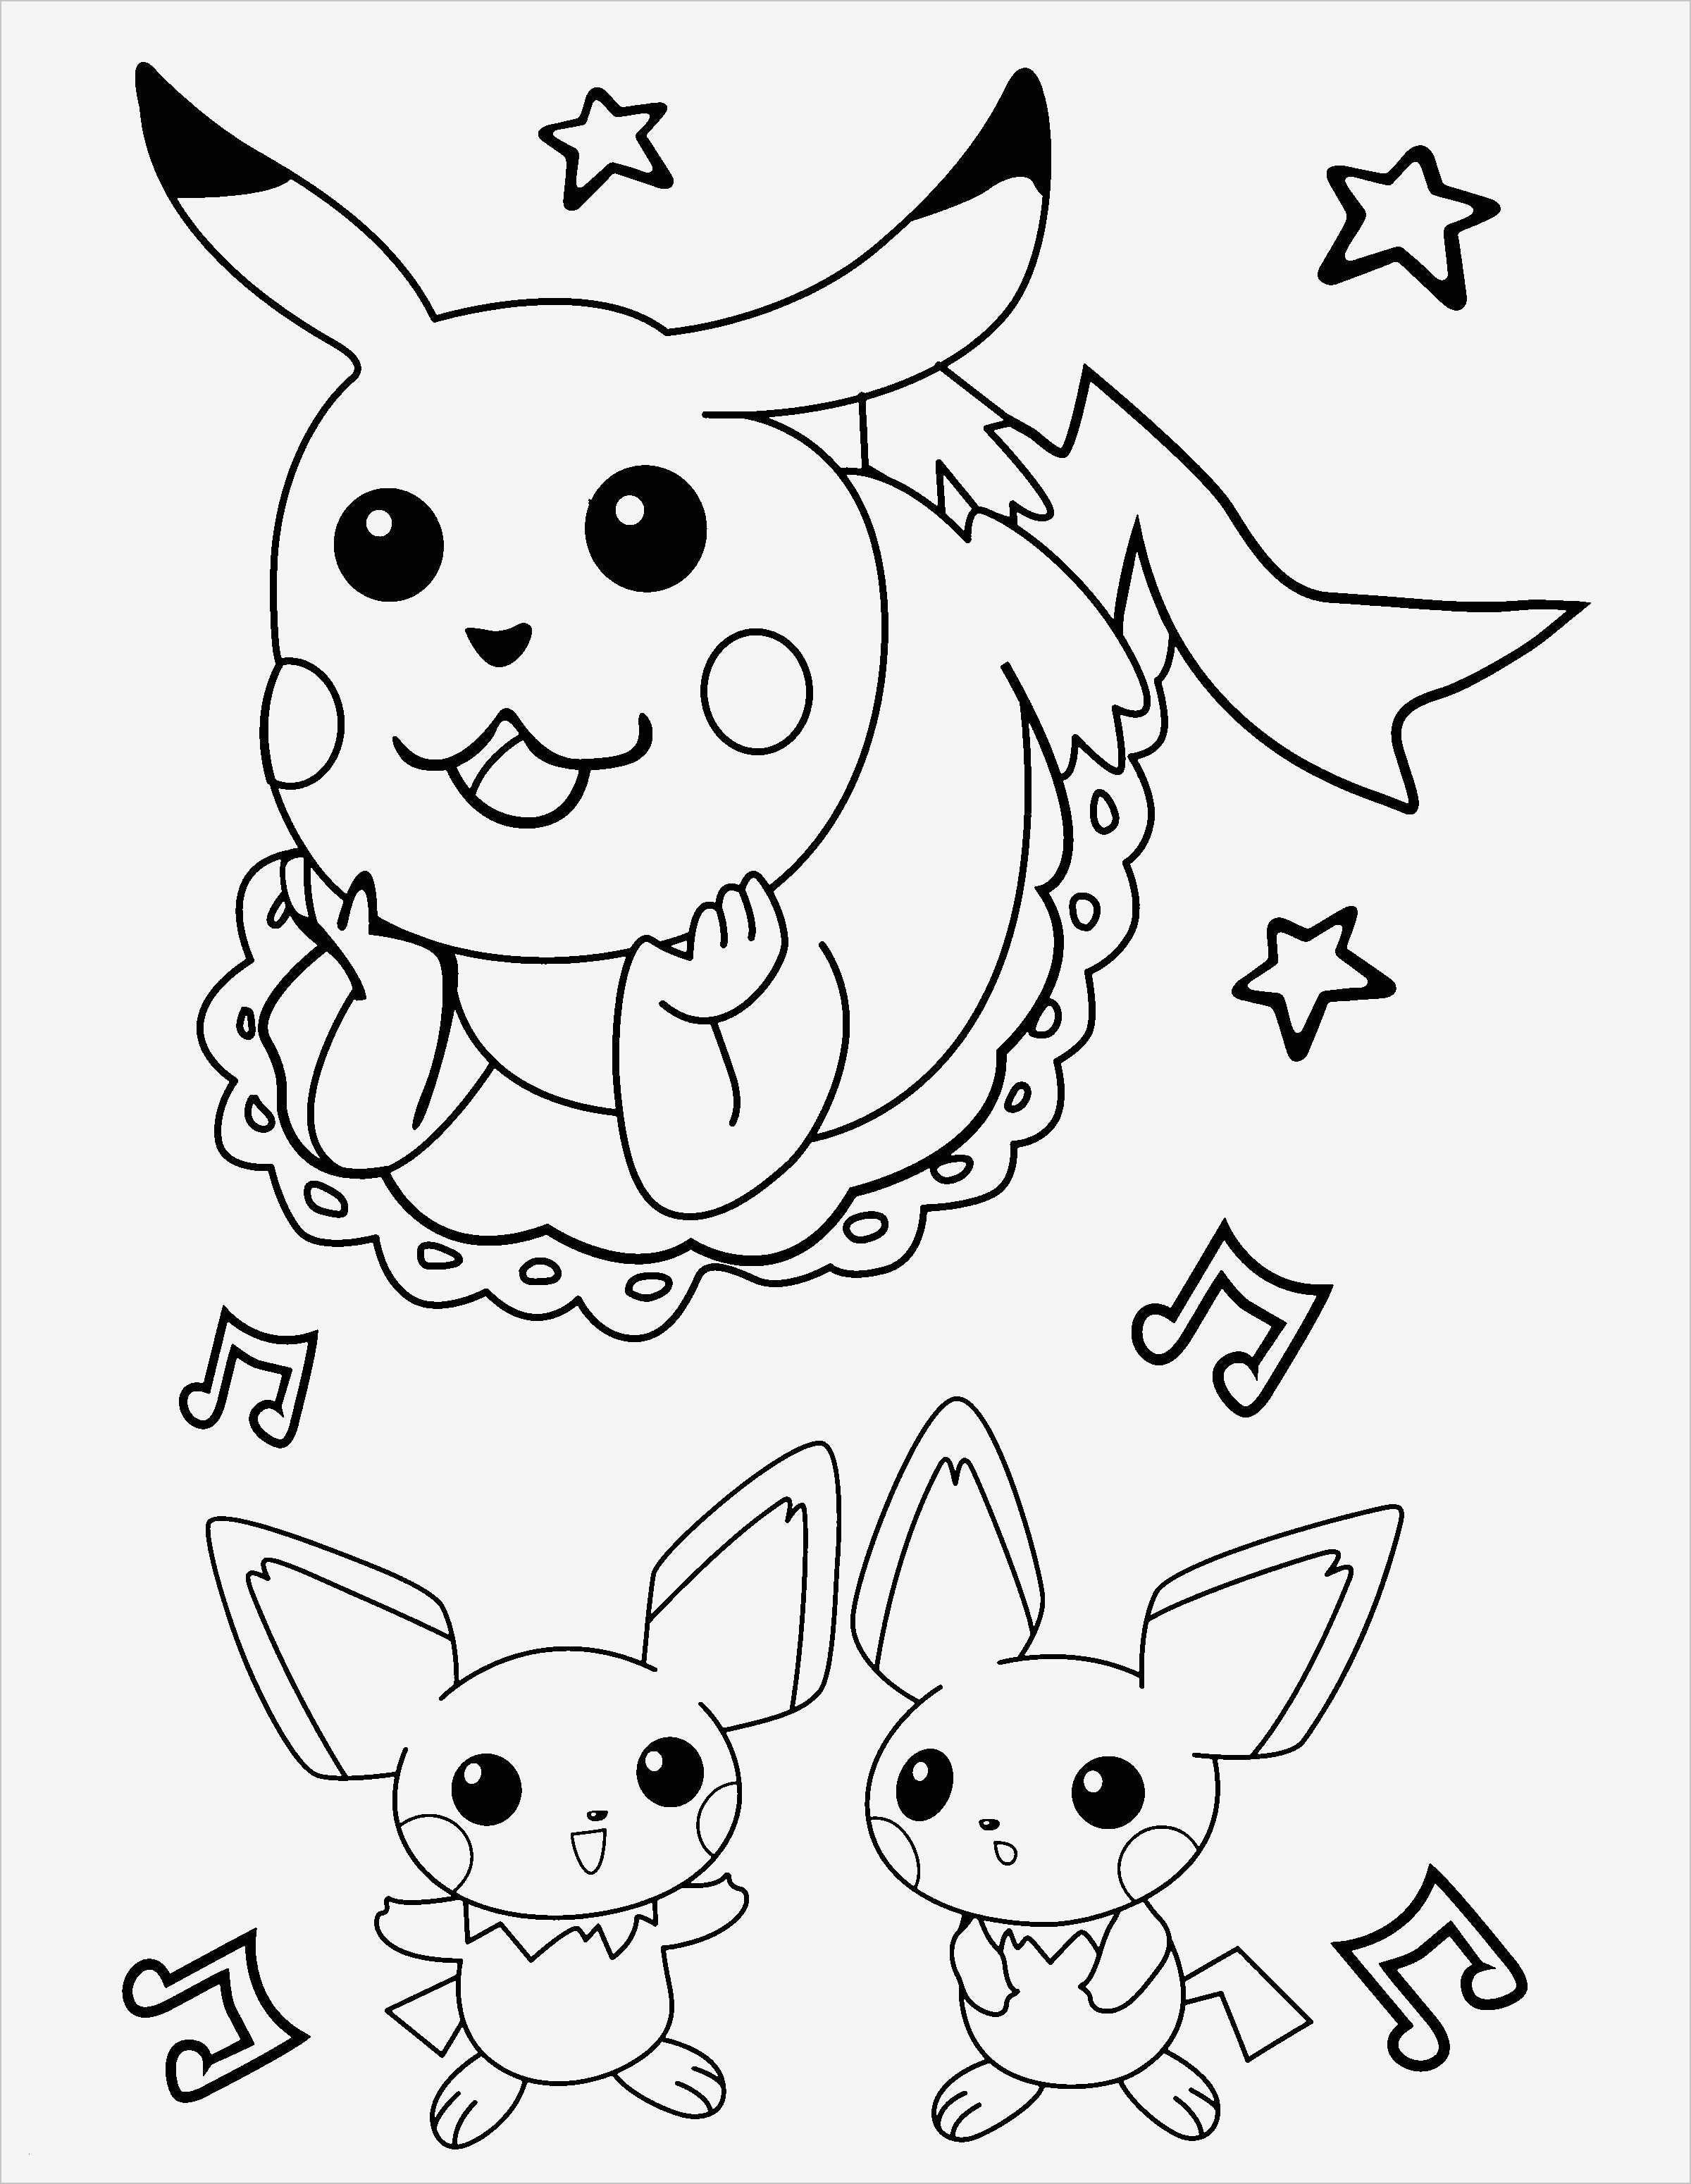 Ausmalbilder Pokemon Genial Pokemon Ausmalbilder Zum Ausdrucken Simpel Luxury Malvorlagen Bild